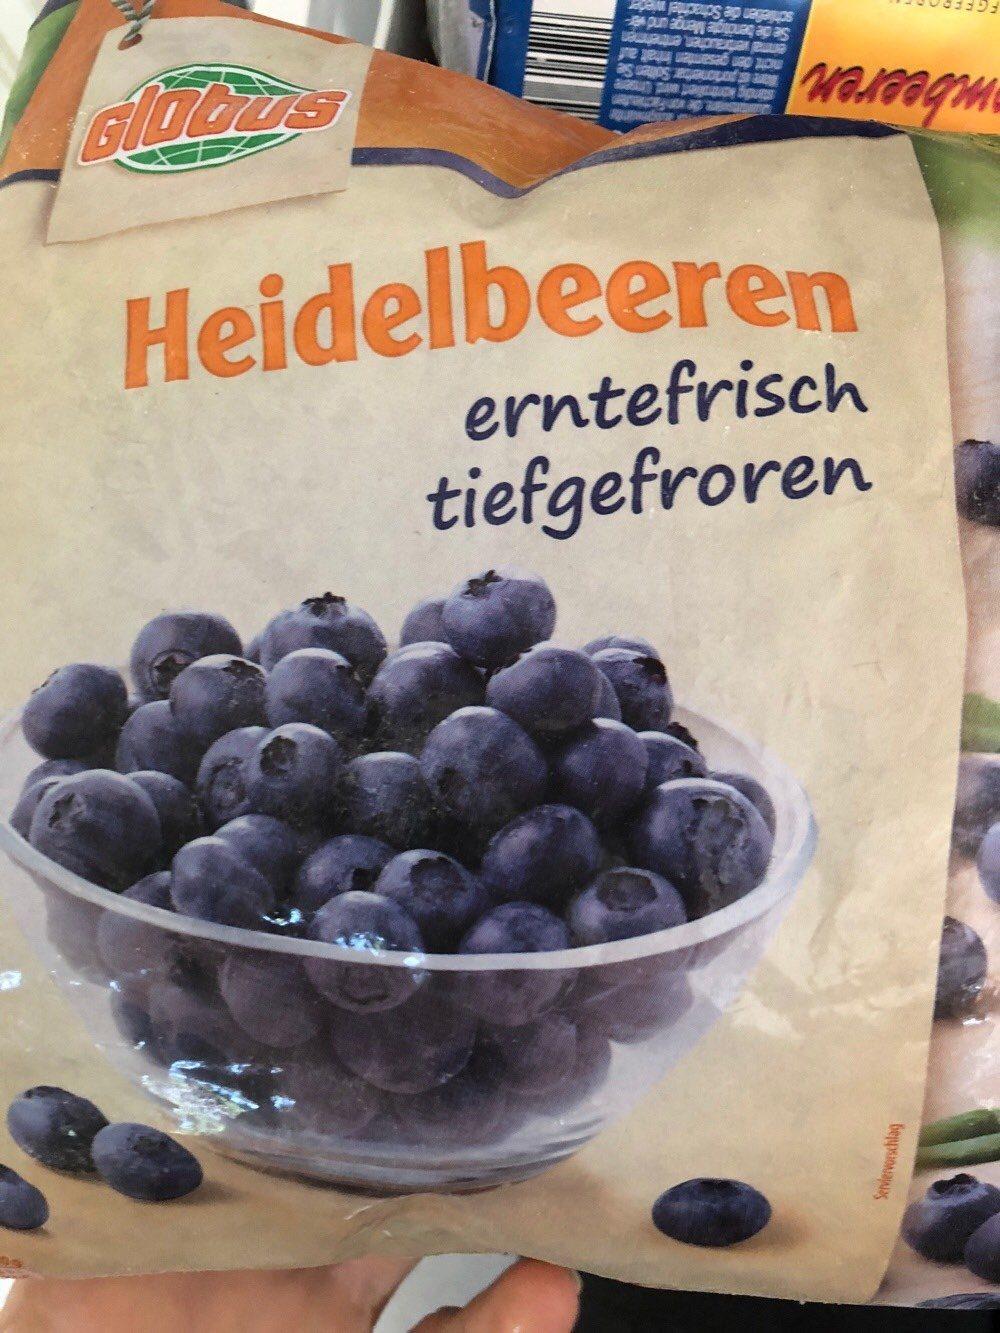 Heidelbeeren - Product